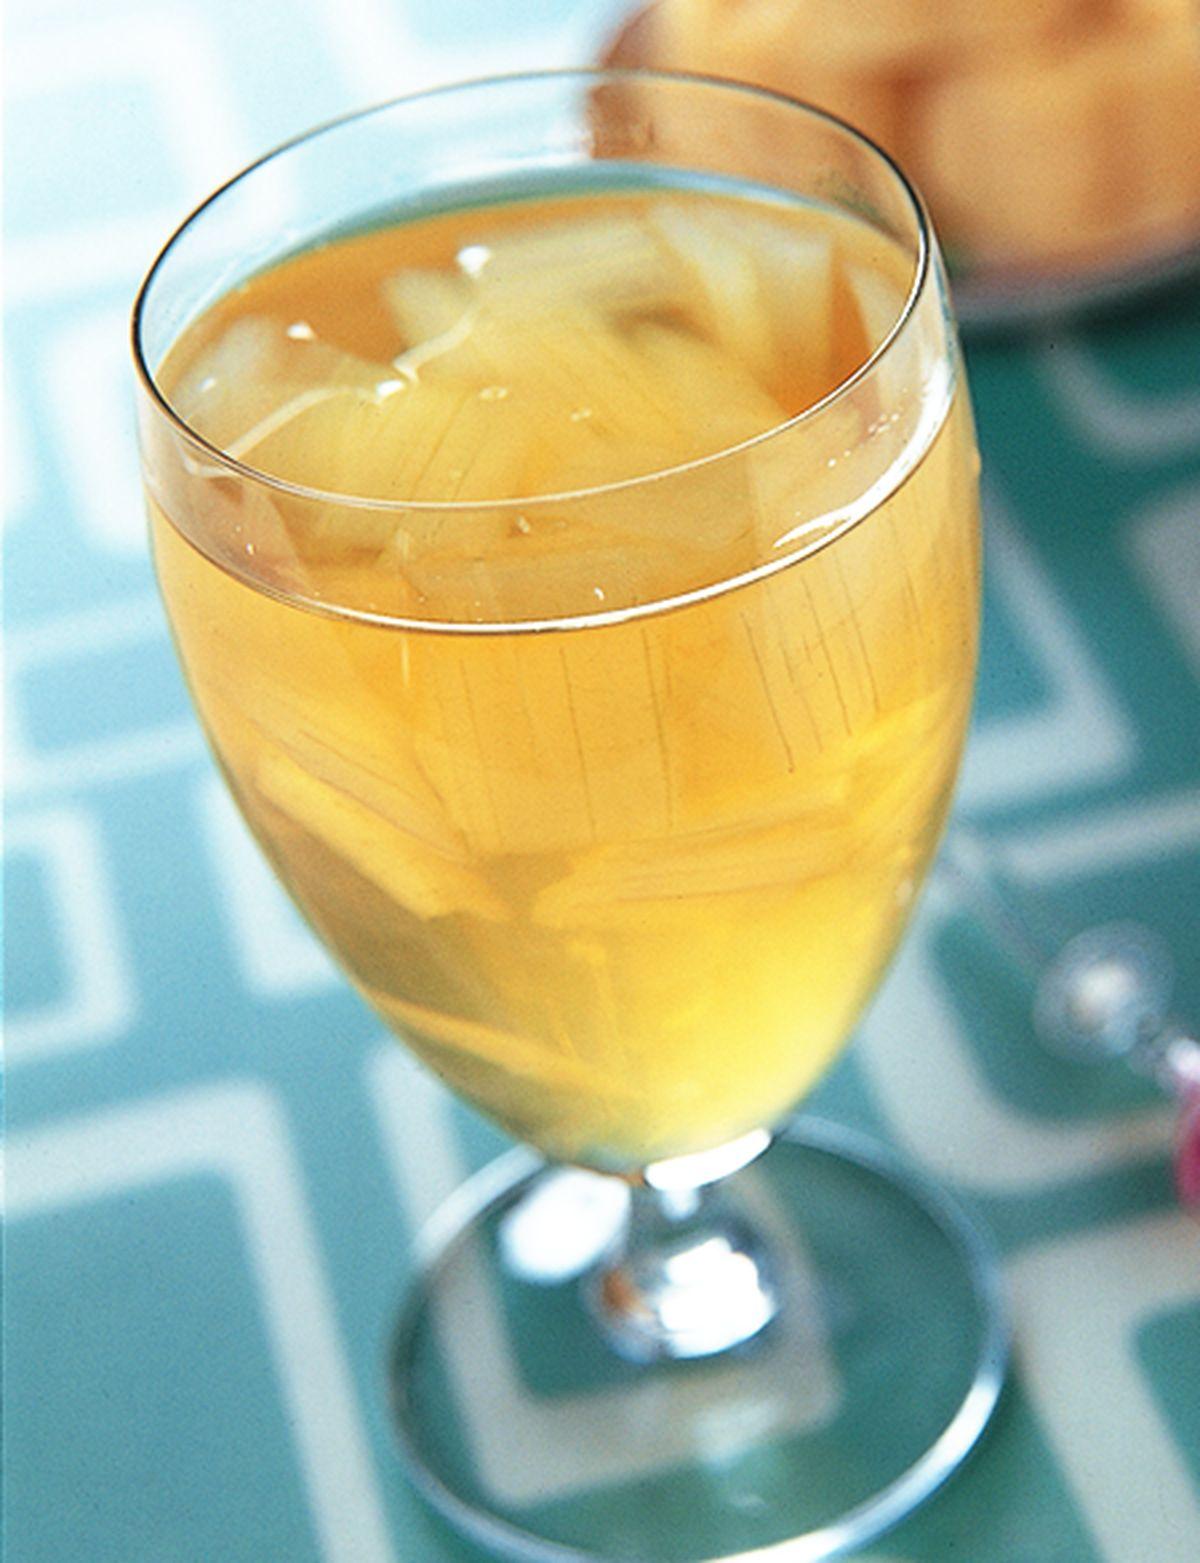 食譜:蘆薈醋飲